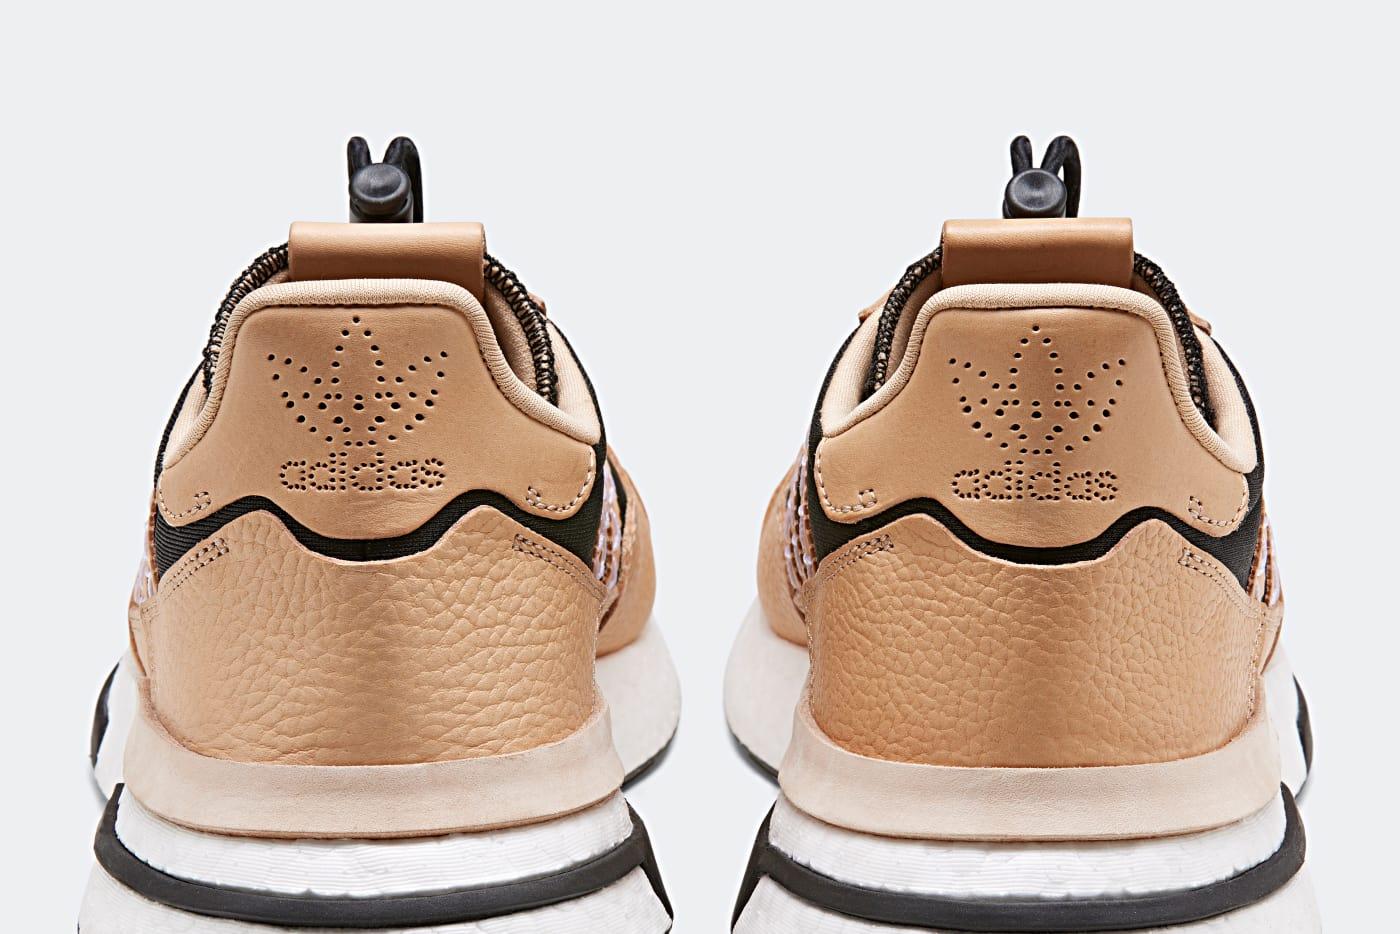 La nouvelle collection signée Adidas x Hender Scheme